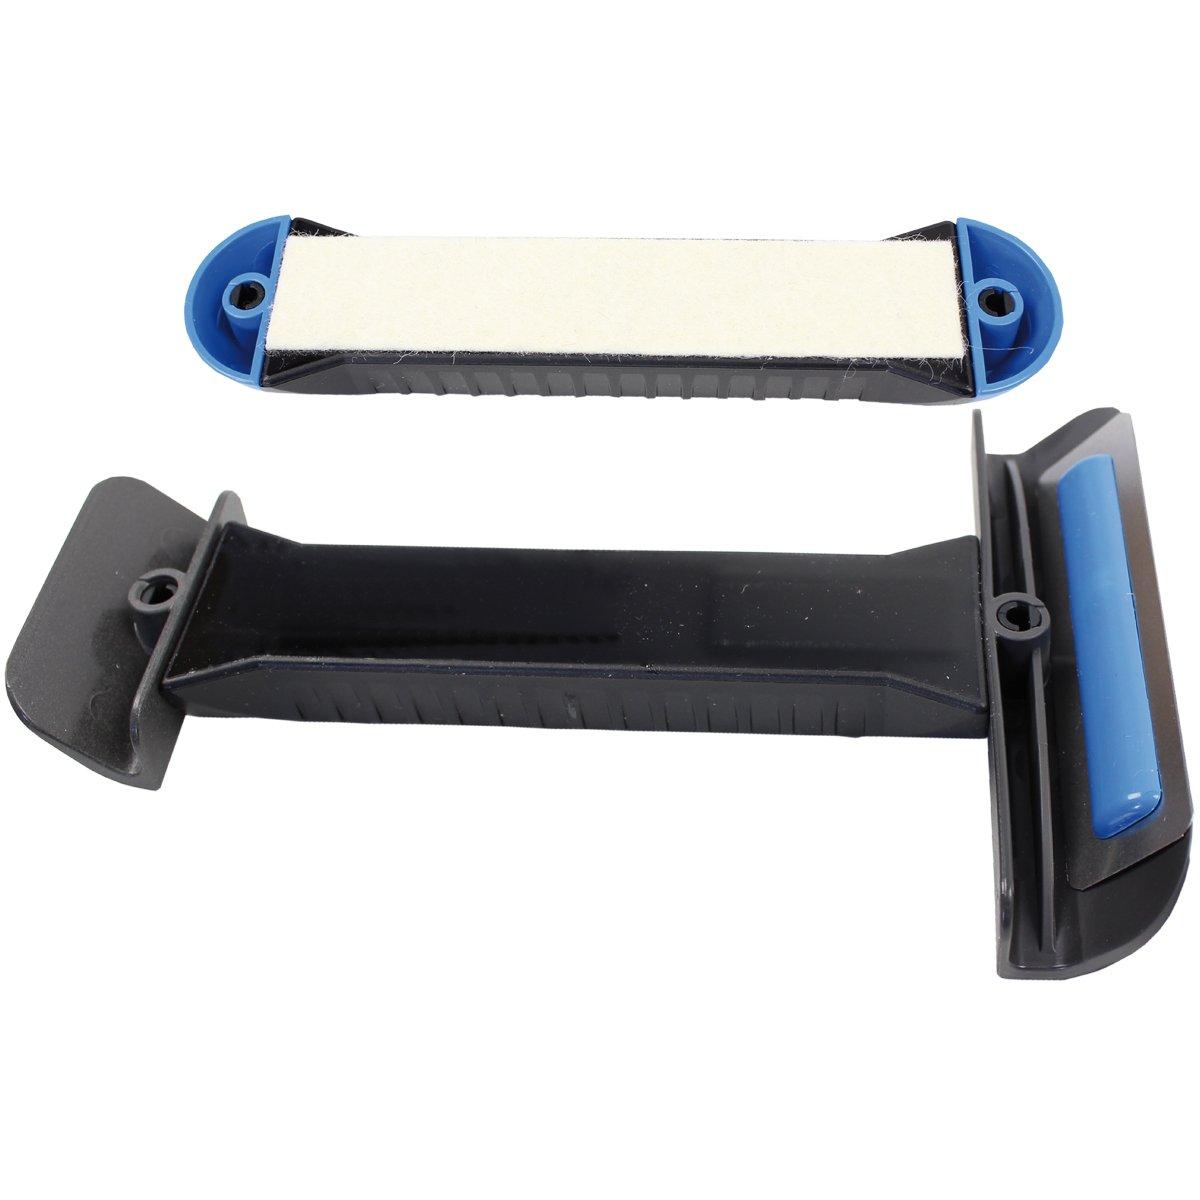 scheibenreiniger Sporting Tunze Care Magnet Long 220.015